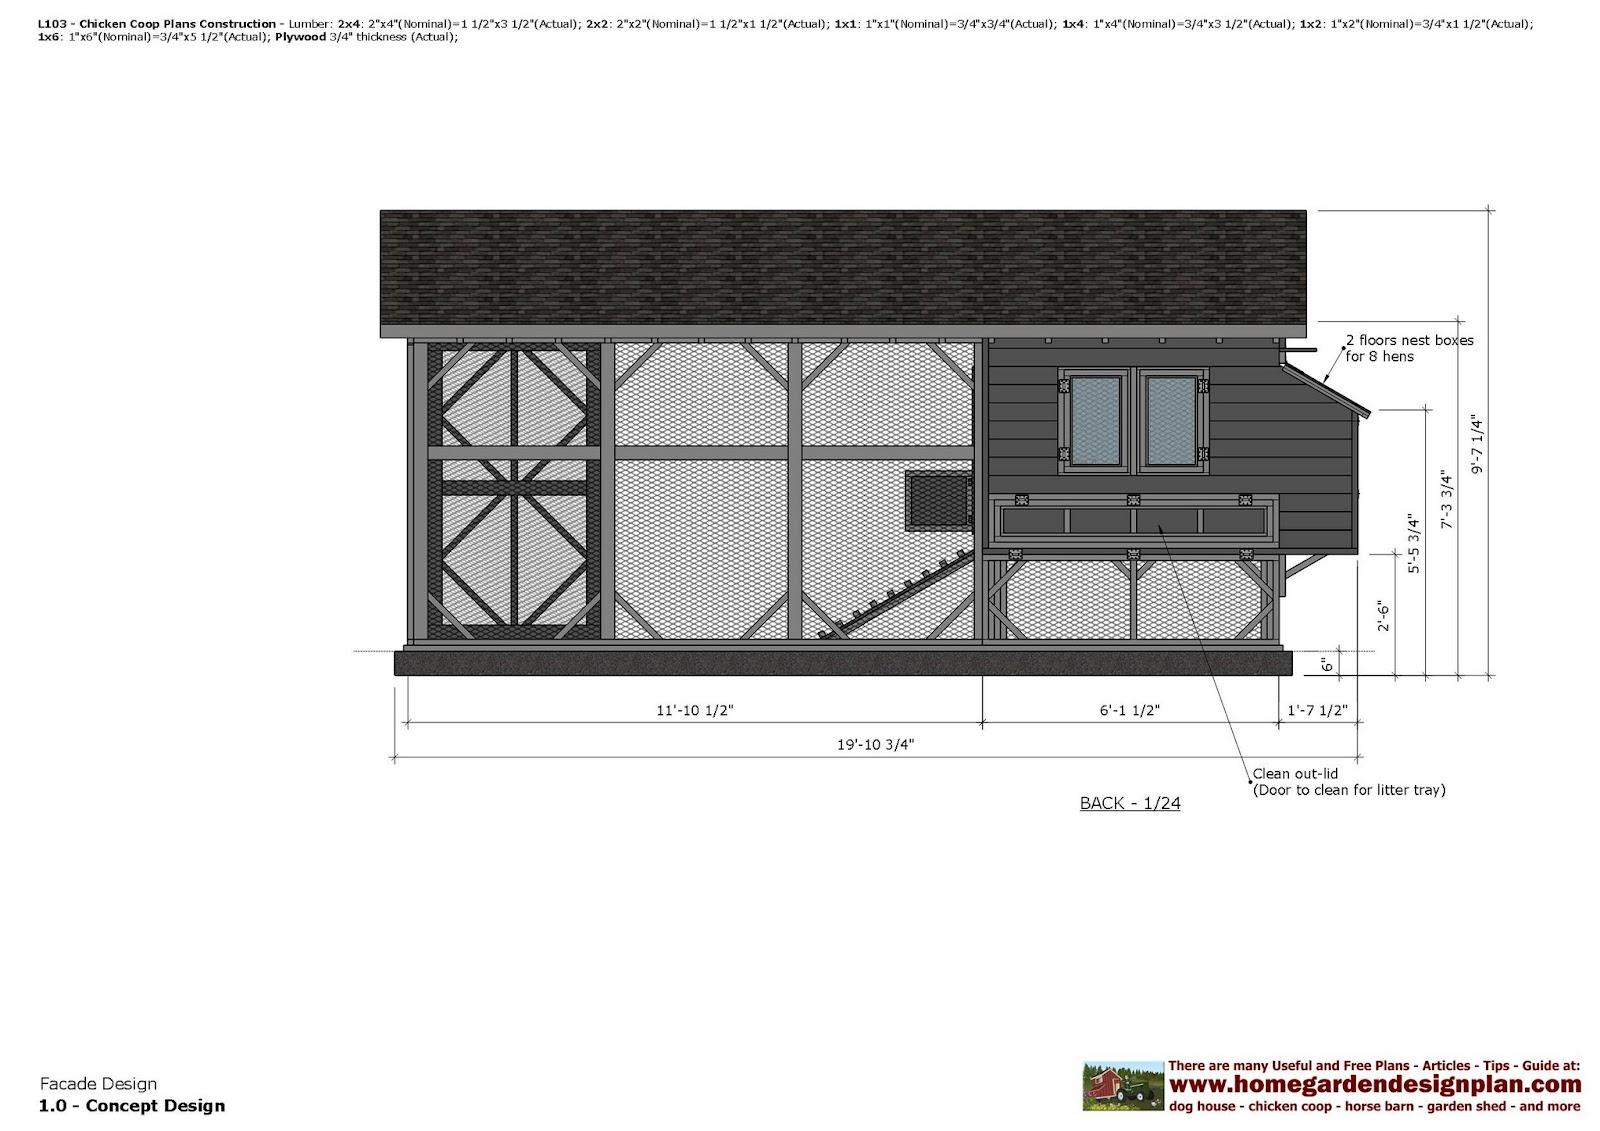 Home Garden Plans L103 Chicken Coop Plans Chicken